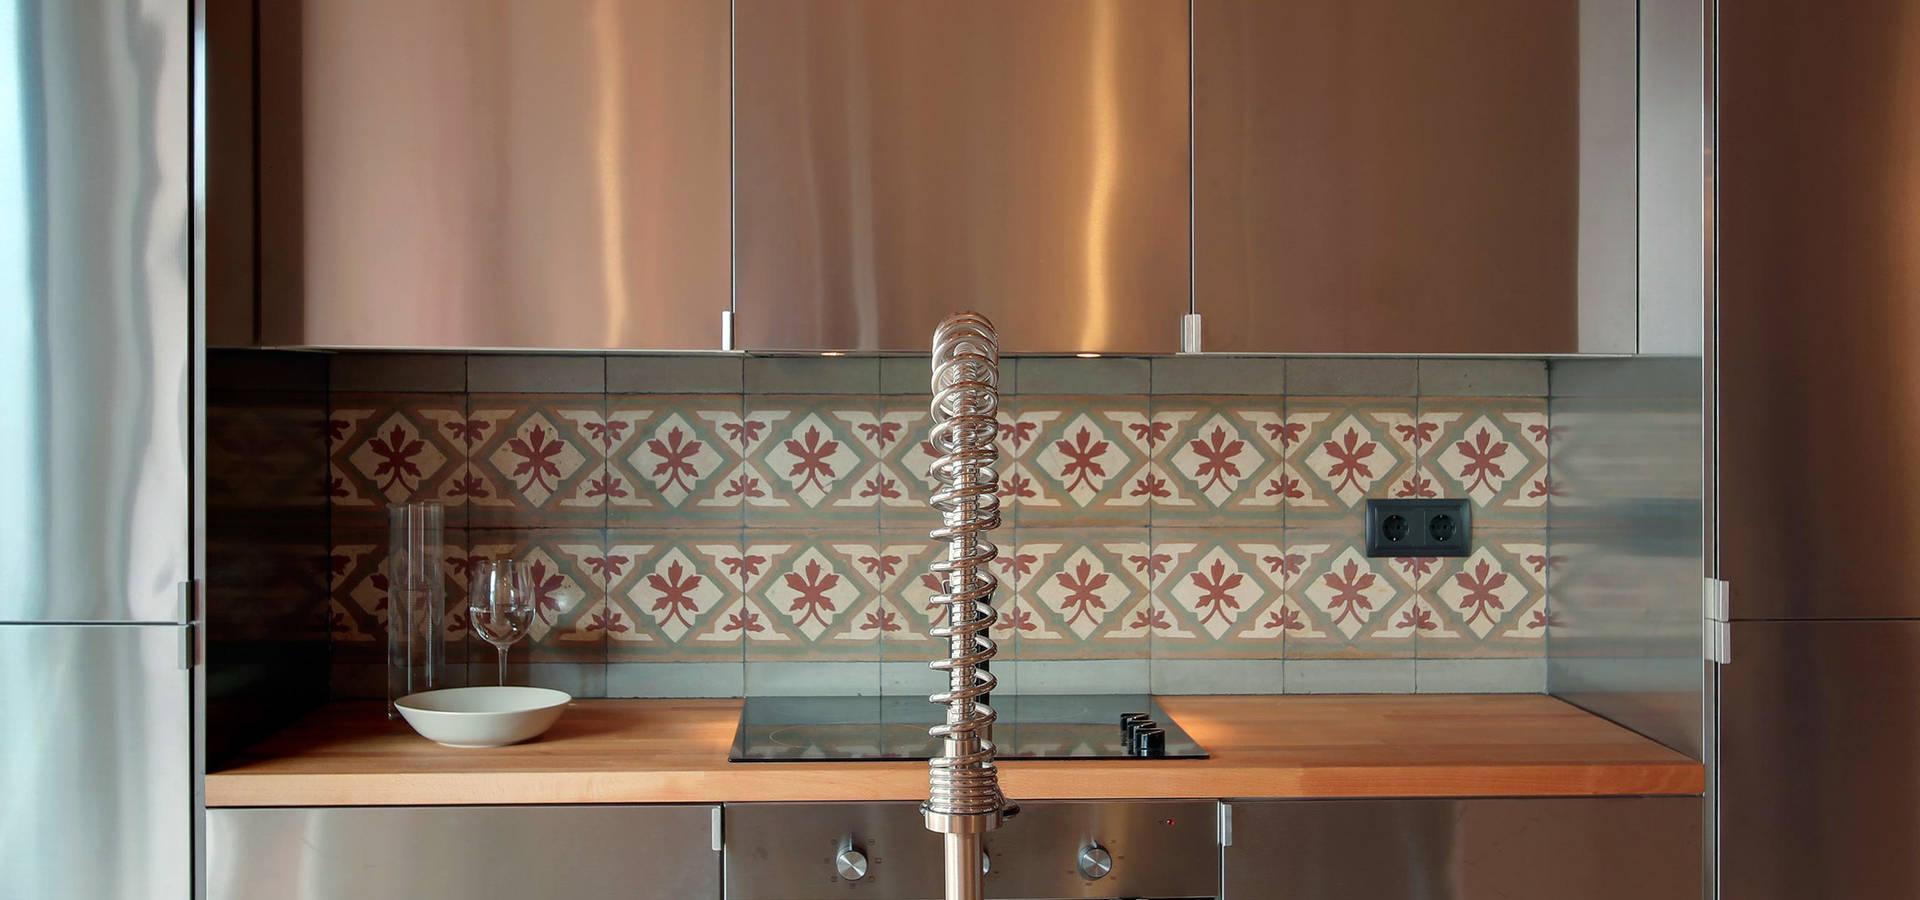 Lara Pujol     Interiorismo & Proyectos de diseño